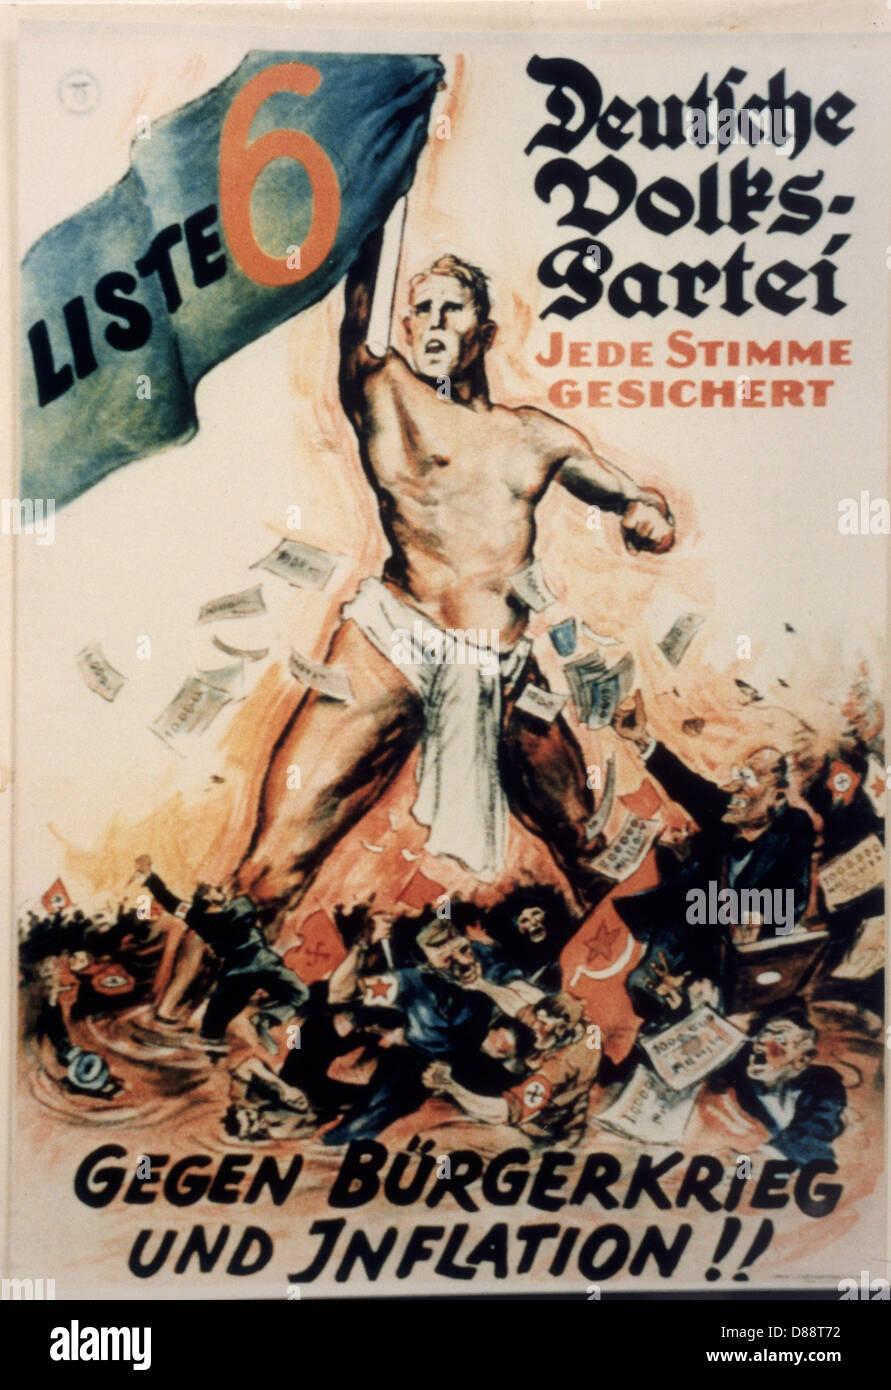 Nazi Propaganda Poster - Stock Image